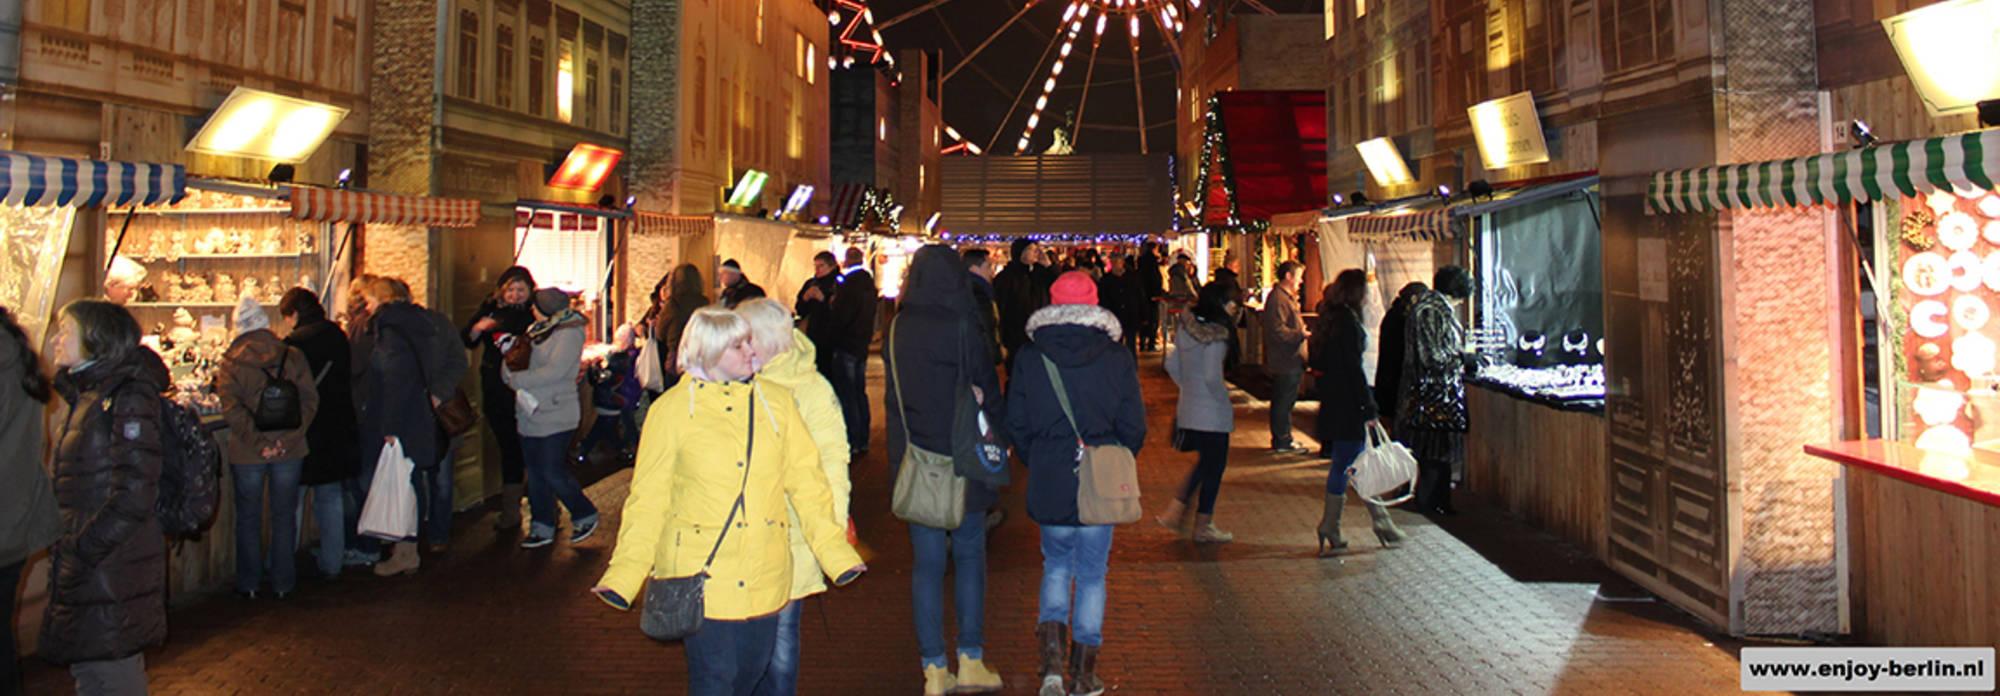 Kerstmarkt Berlijn 2019 Kom In De Kerstsfeer